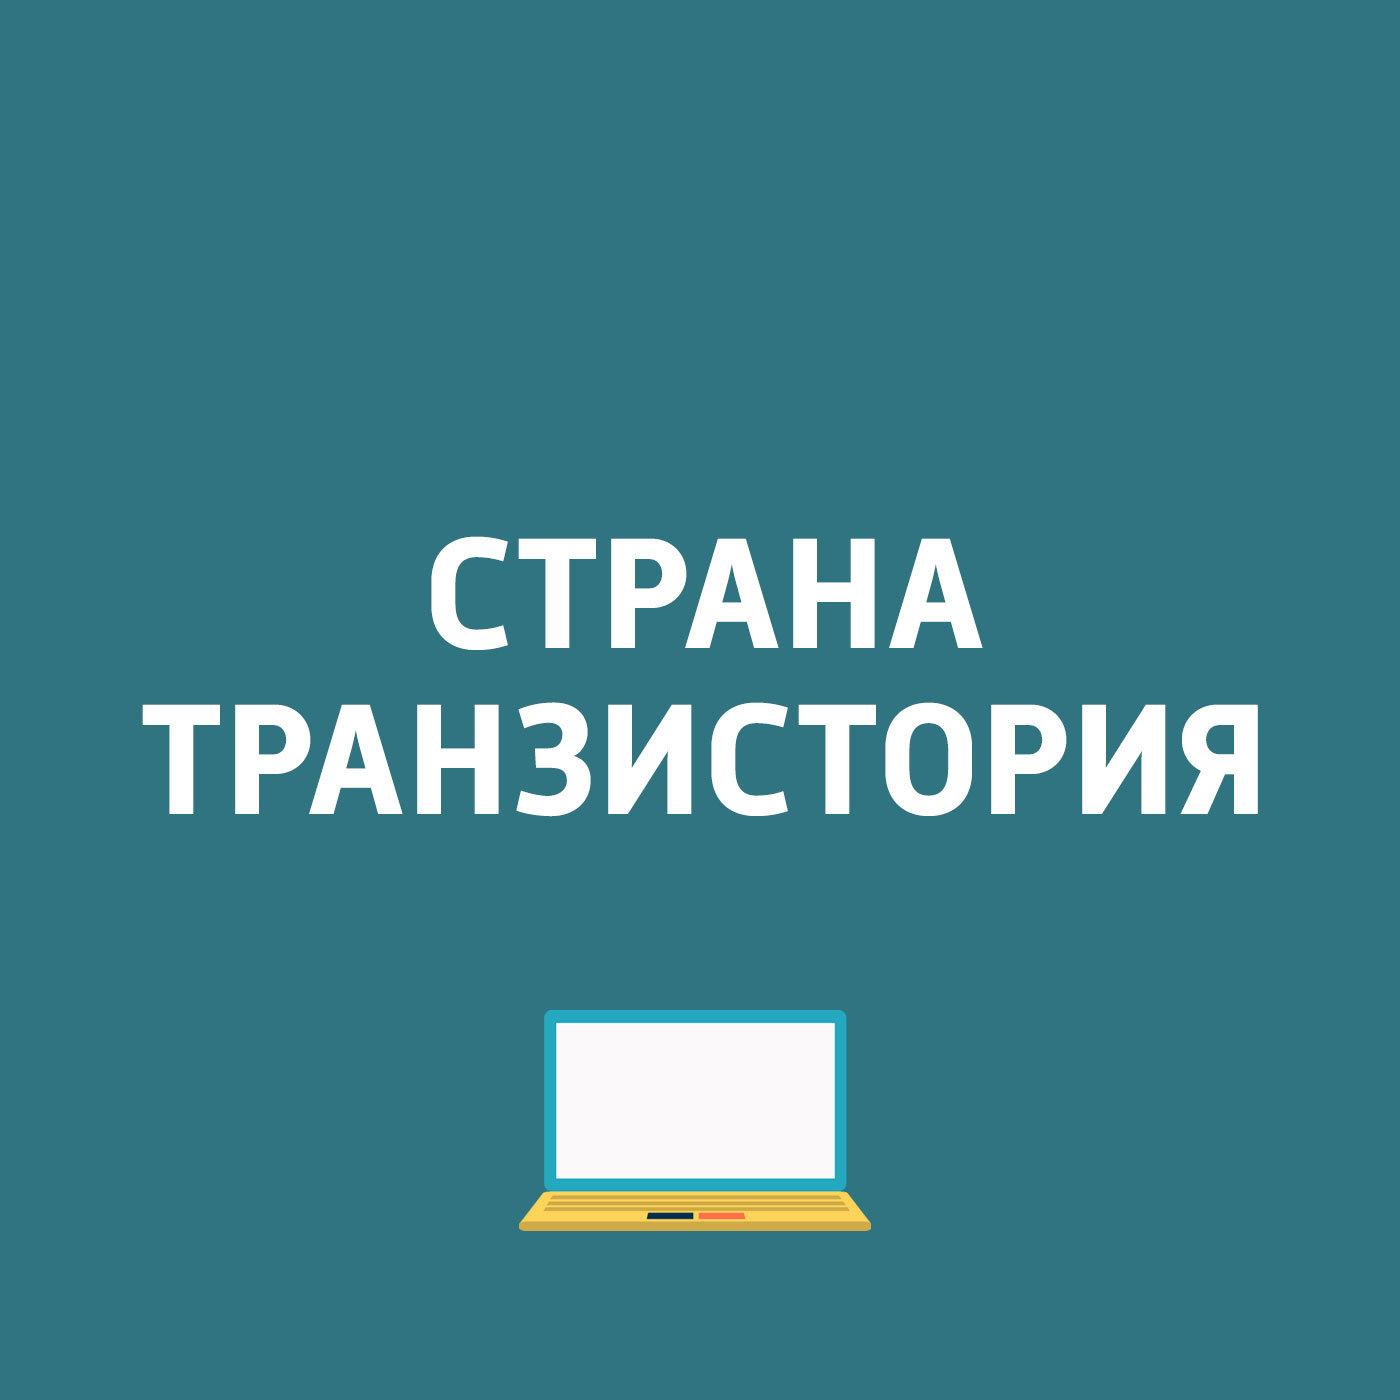 Картаев Павел Новый аппарат от Nokia, новые видеокарты от NVIDIA картаев павел hmd global выпустила смартфон nokia 8 eset обнаружила вирус для устройств на андроиде